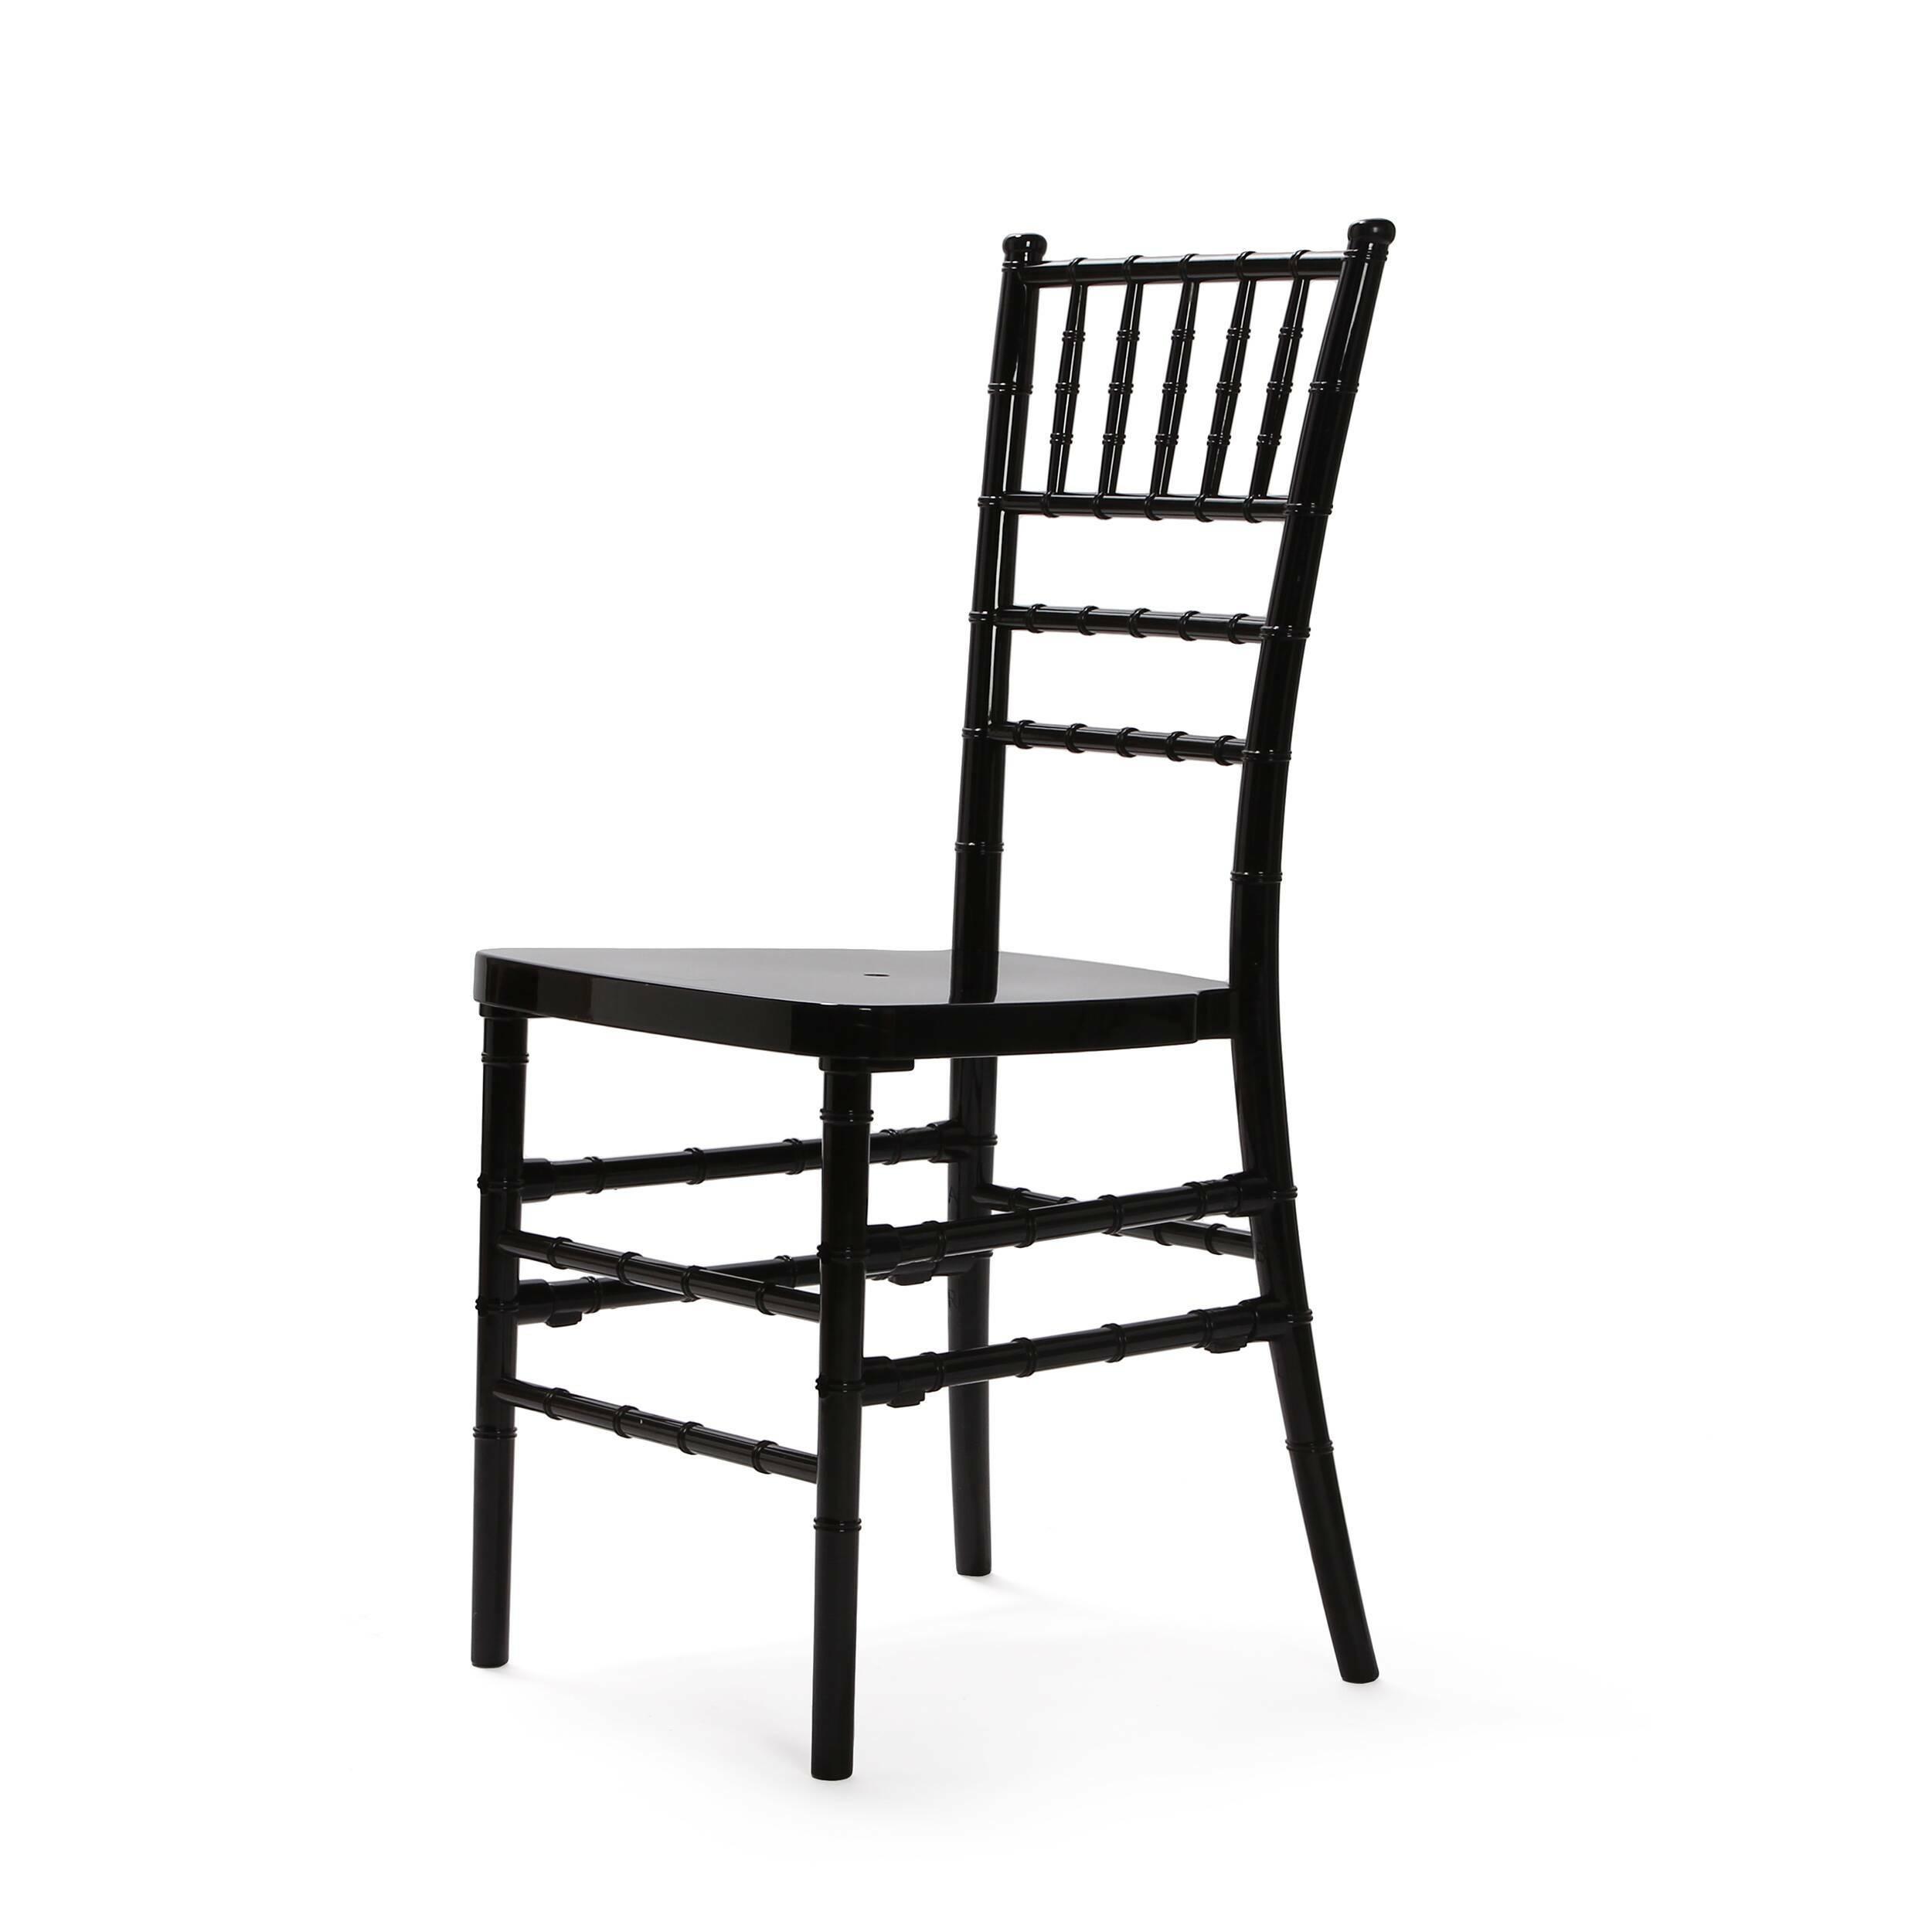 Стул Chiavari IceИнтерьерные<br>Дизайнерский высокий однотонный стул Chiavari Ice (Chiavari Ice) из поликарбоната без подлокотников от Cosmo (Космо).<br><br>     Созданный еще в 2003 году дизайн стула Chiavary превратился практически в самостоятельный бренд. Эти стулья — завсегдатаи всех крупных праздничных чествований на северном континенте Америки. Когда у американцев речь заходит о Chiavari, никто не задается вопросом: «А что это?» Любому известны эти элегантные дизайнерские изделия с их запоминающимся дизайном. Однако они н...<br><br>stock: 7<br>Высота: 92<br>Высота сиденья: 45<br>Ширина: 47<br>Глубина: 42<br>Материал каркаса: Поликарбонат<br>Тип материала каркаса: Пластик<br>Цвет каркаса: Черный